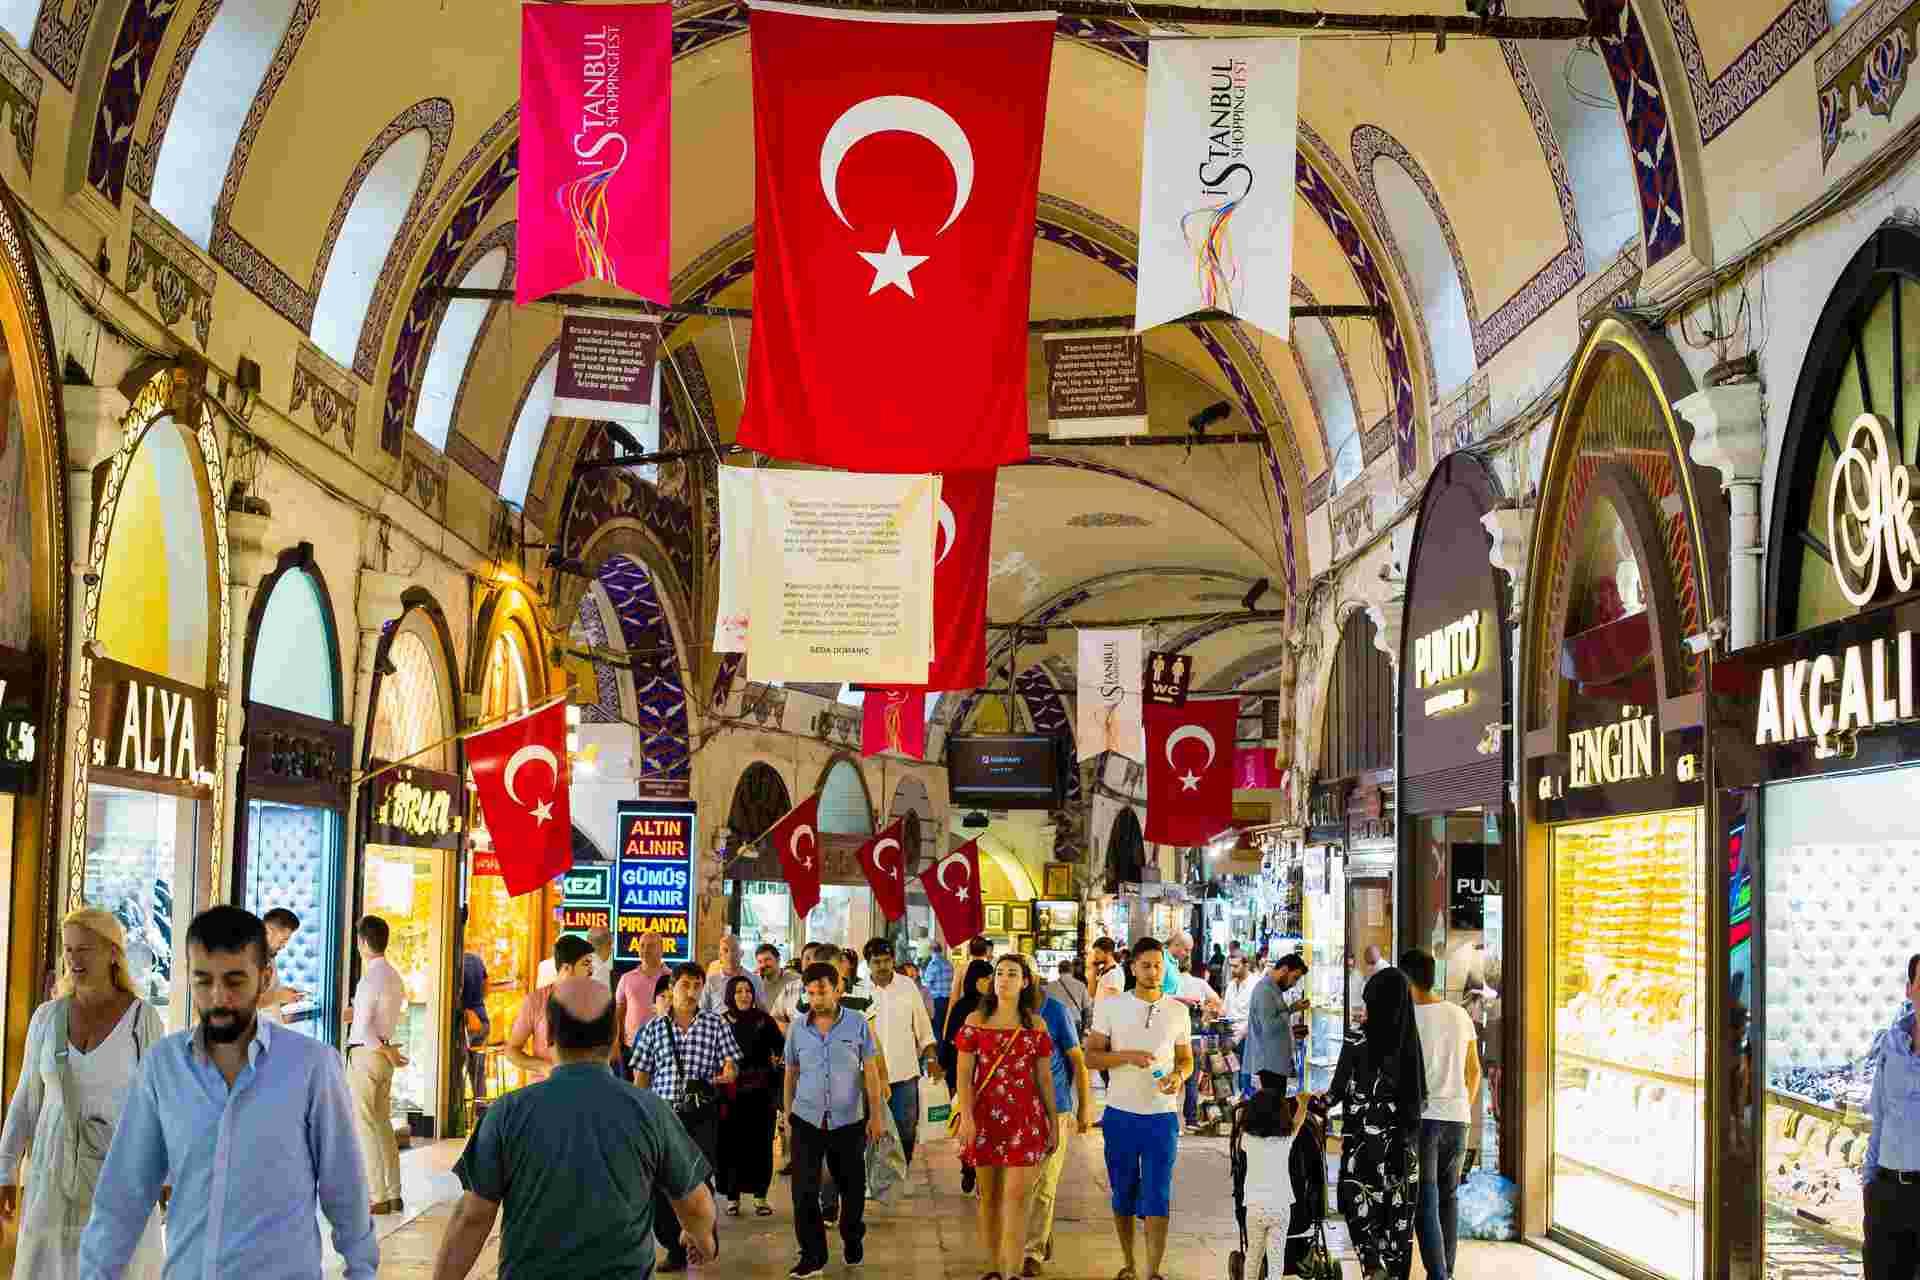 土耳其、墨西哥市场大动荡,新兴市场将面临又一场风暴?